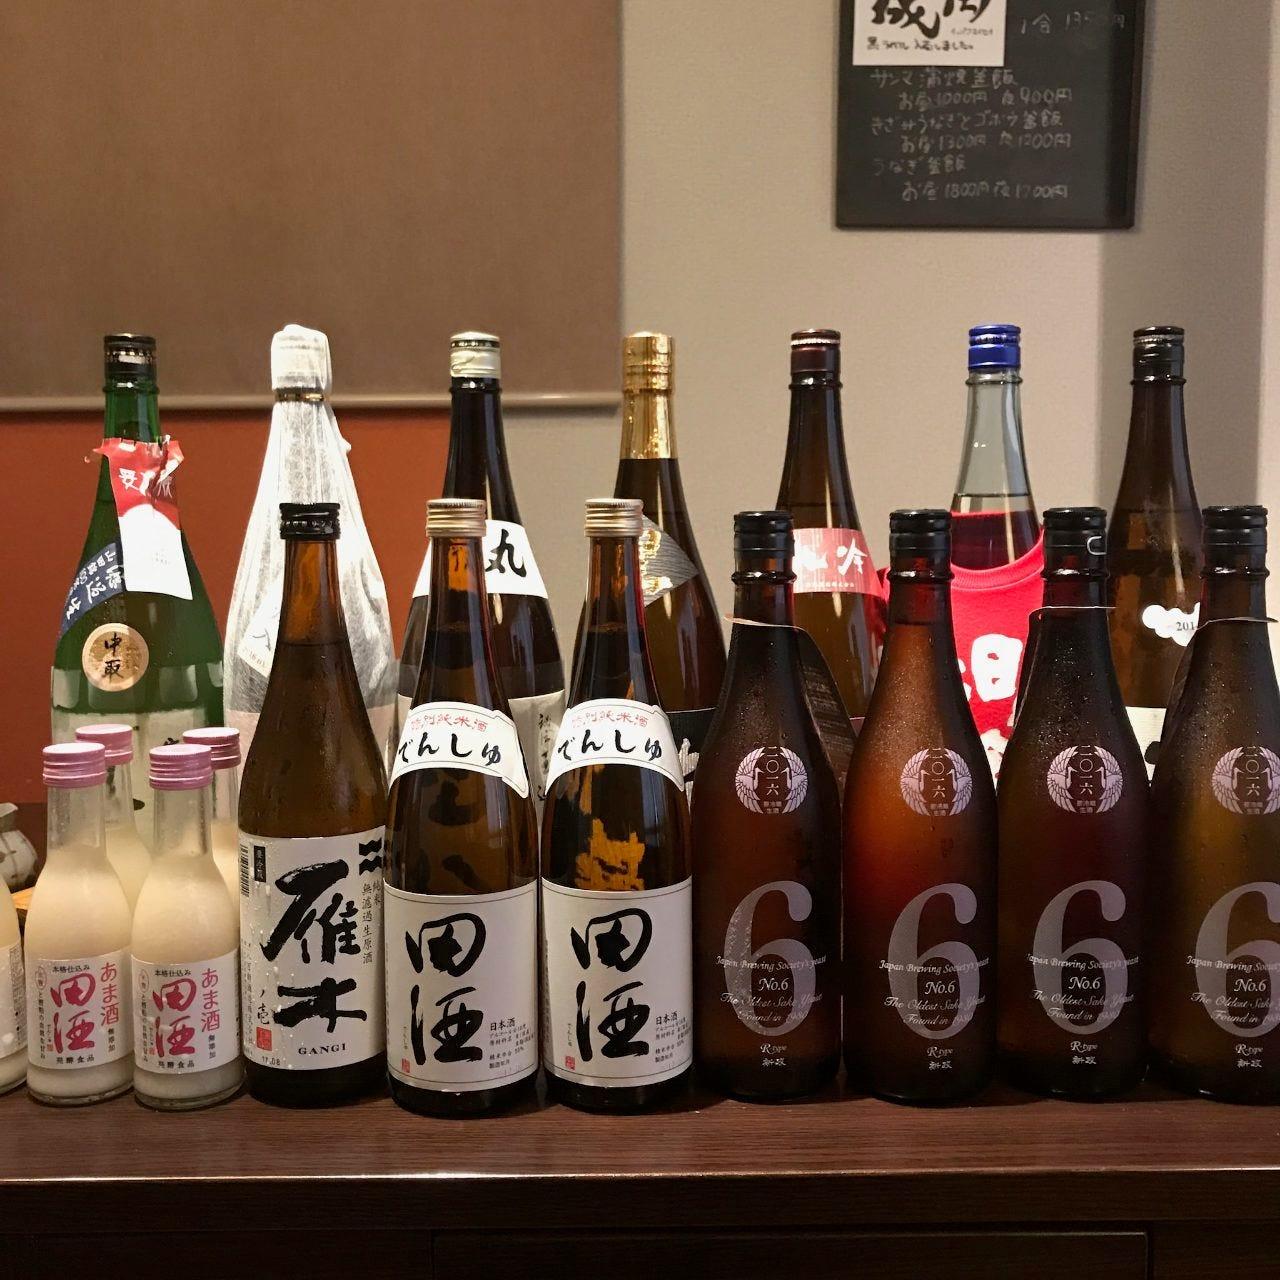 こだわりの酒蔵からの日本酒です。